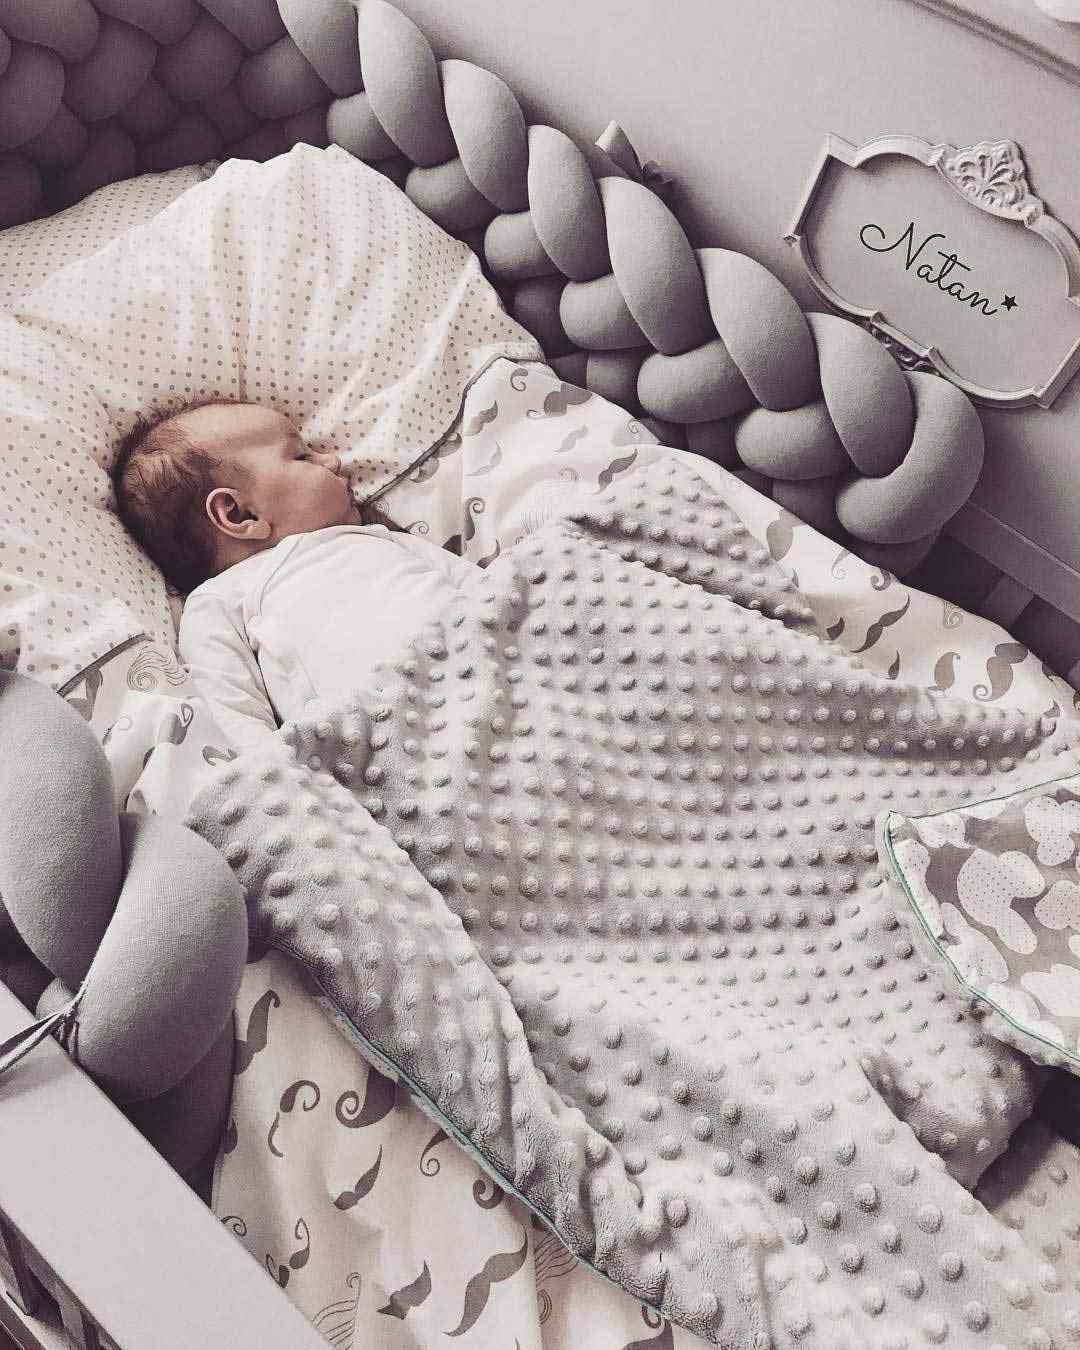 1 Pcs 1 M/2 M Artesanal Nó Nodic Recém-nascidos Do Bebê Bumper Cama Longo Atada Trança Travesseiro da Cama de Bebê amortecedor Nó Berço Infantil Room Decor